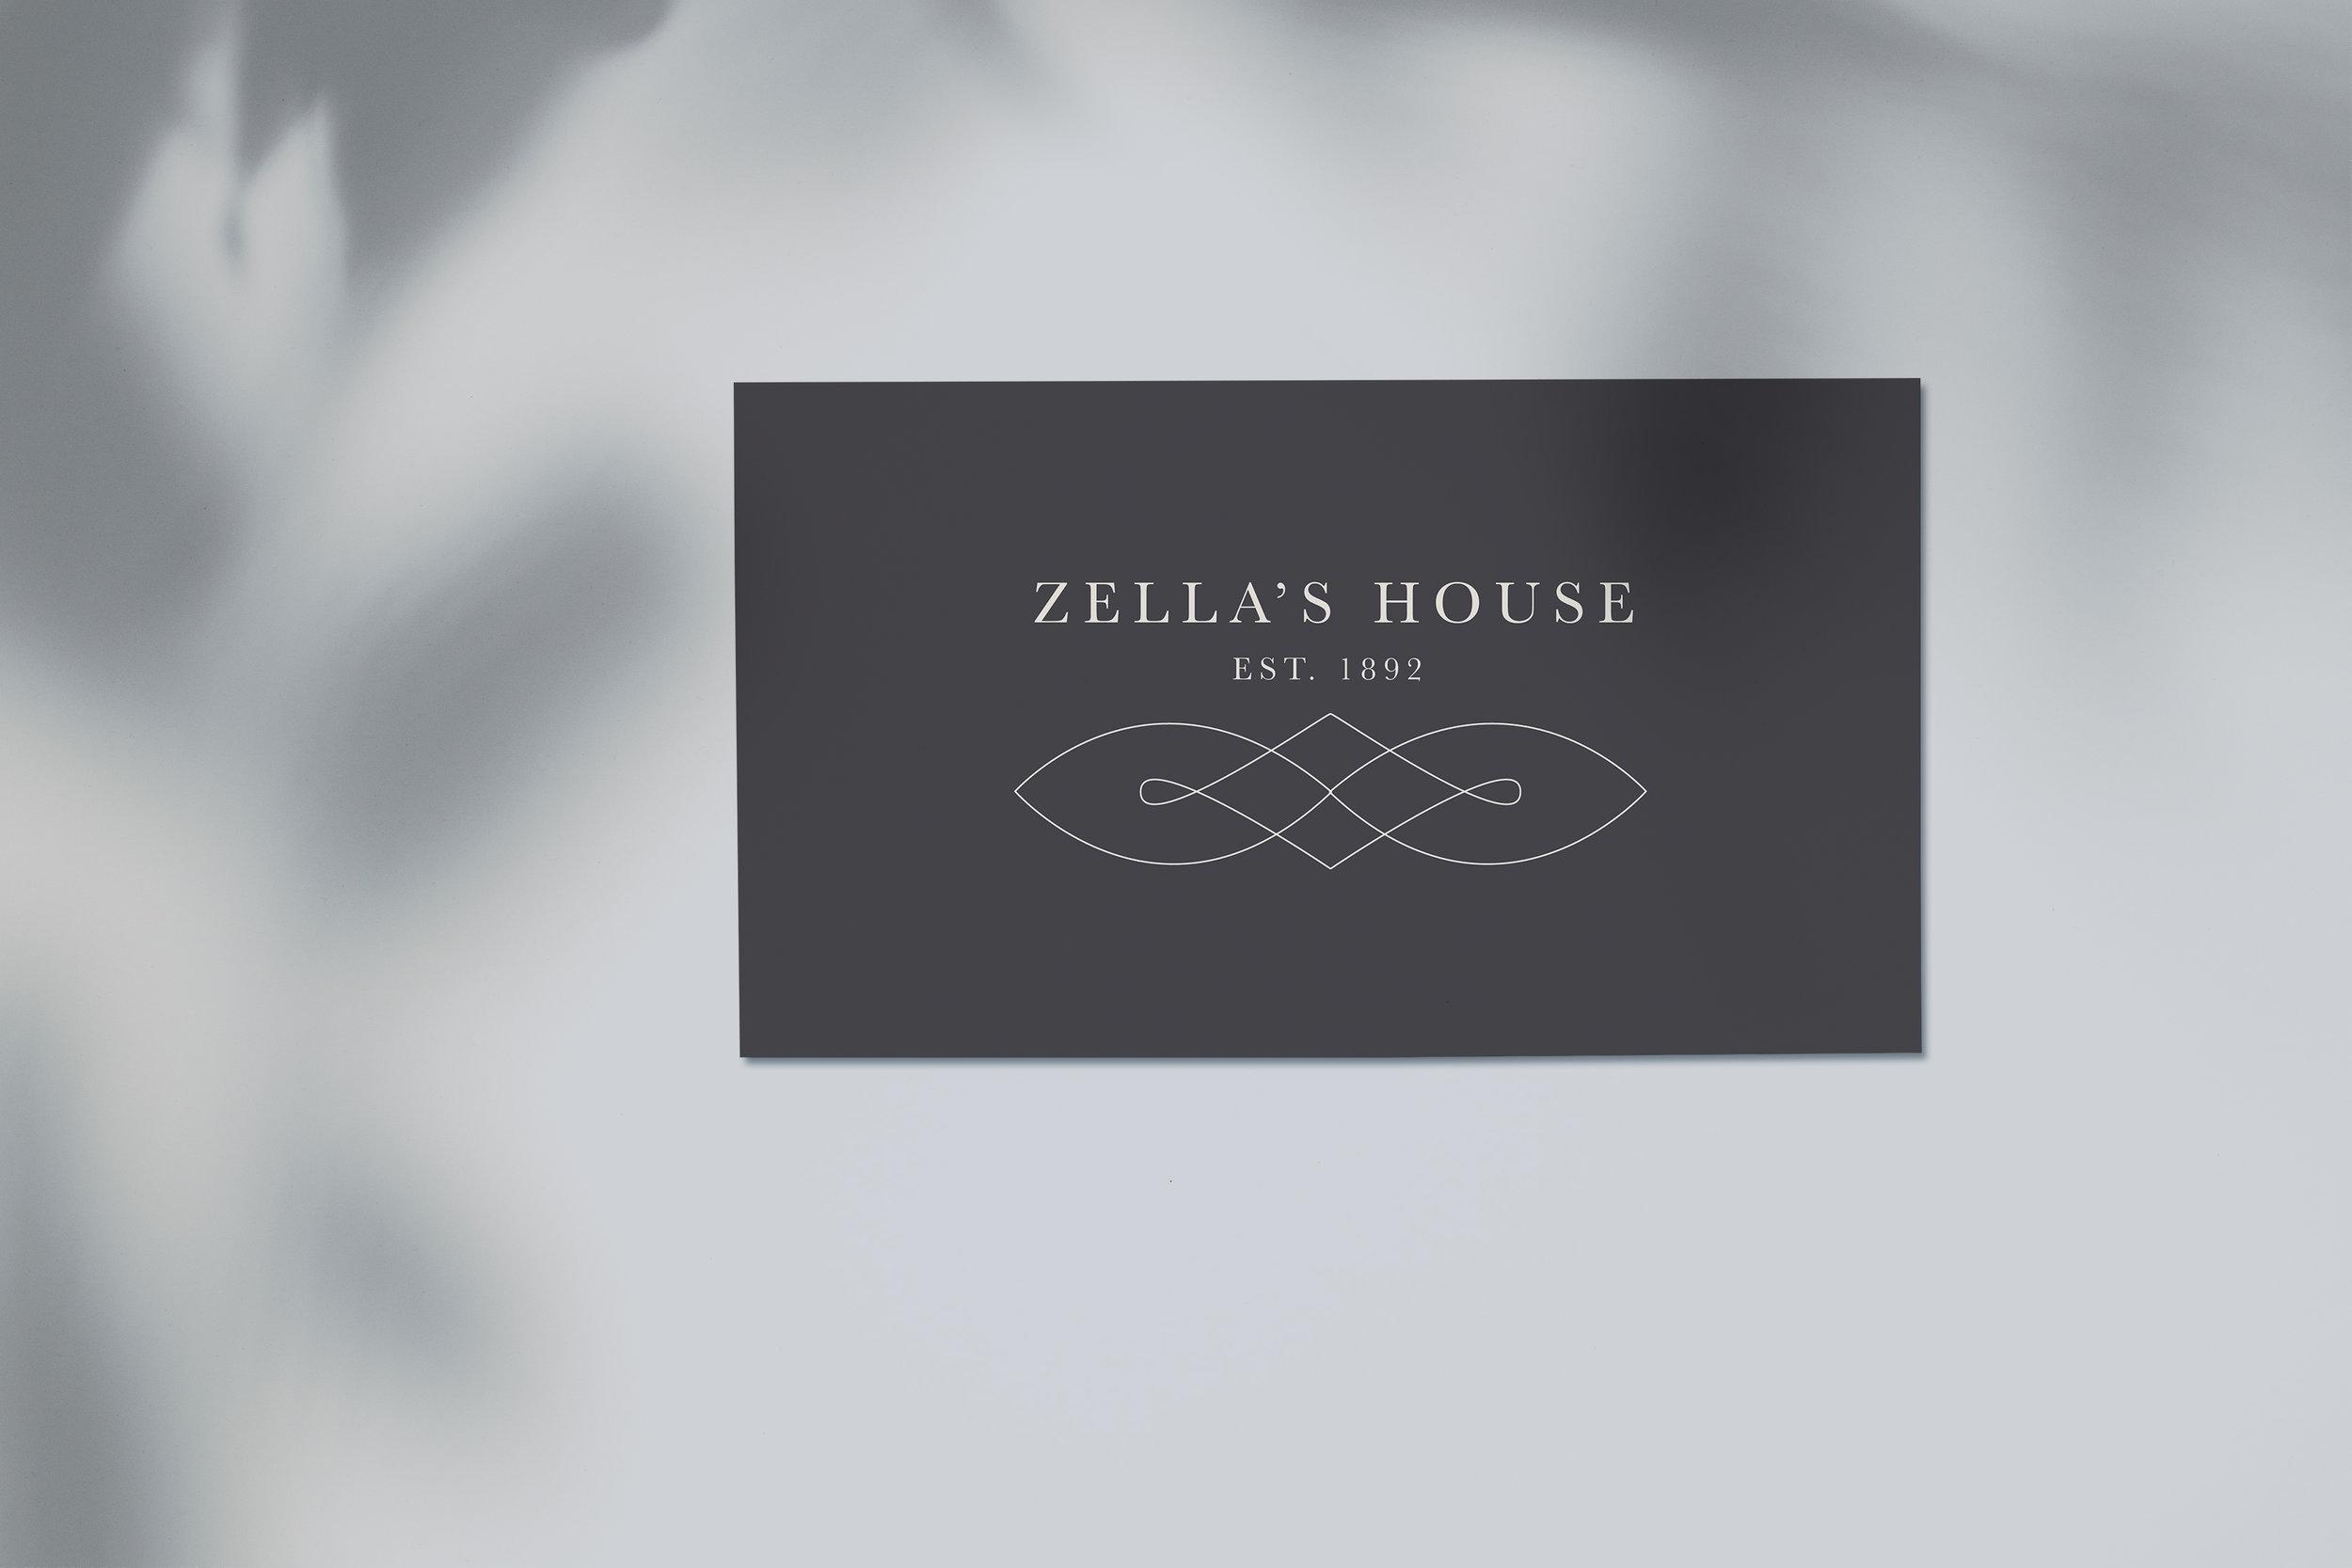 zellashousemockup.jpg